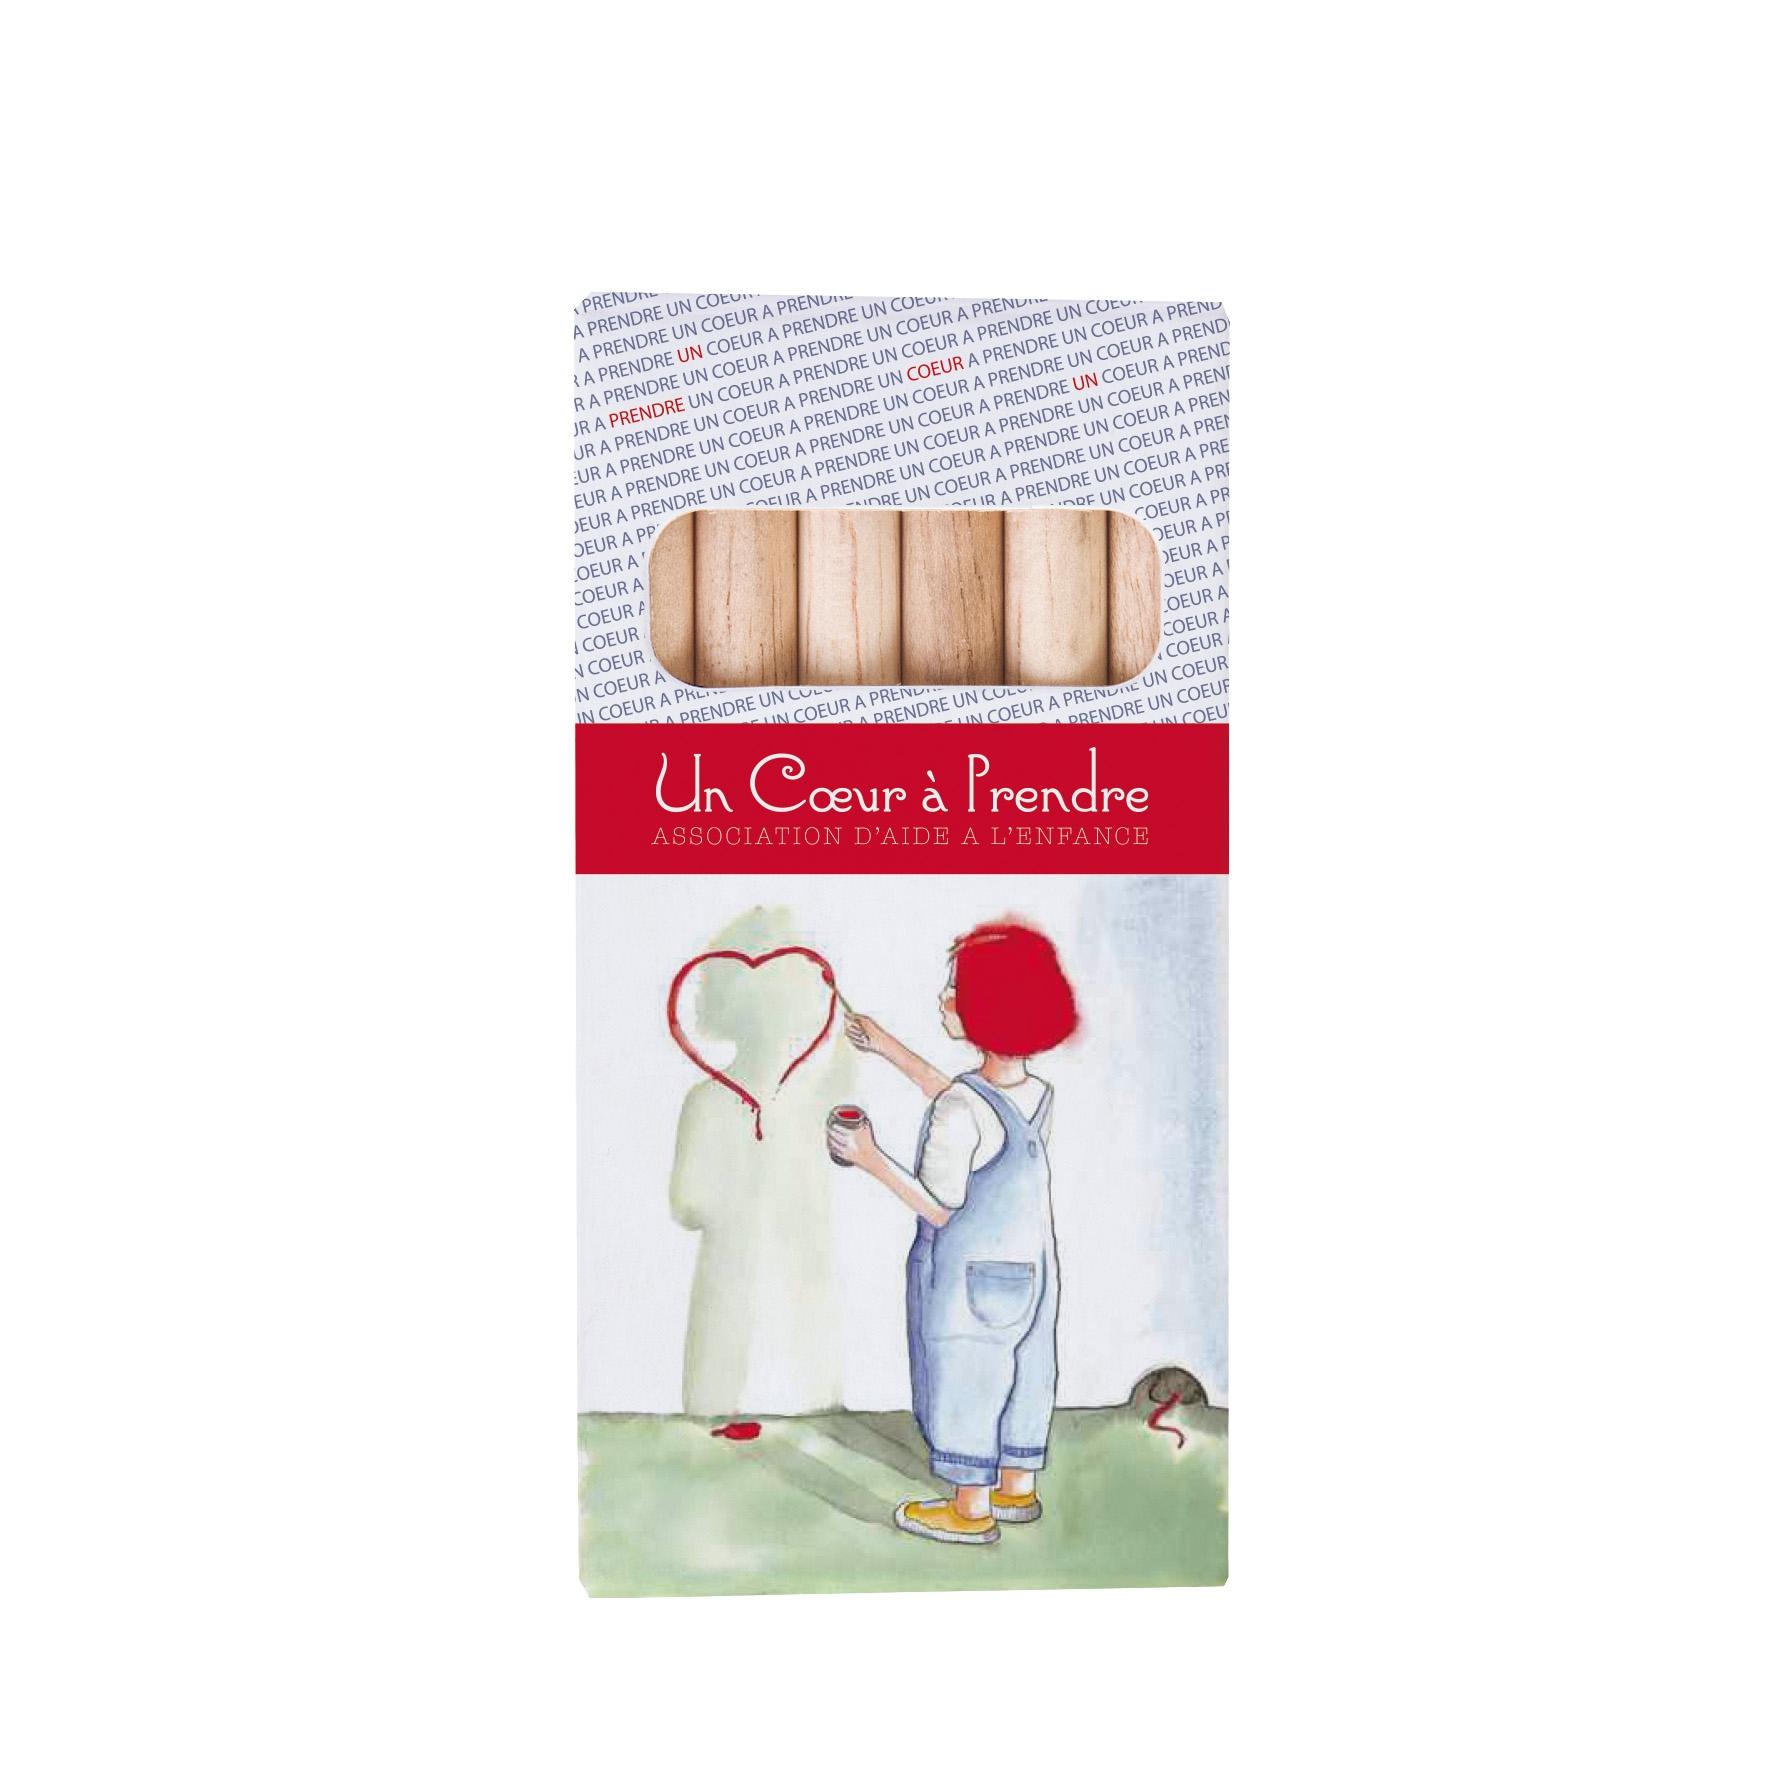 cadeau publicitaire enfants - 6 Aquarellables Eco 8,7